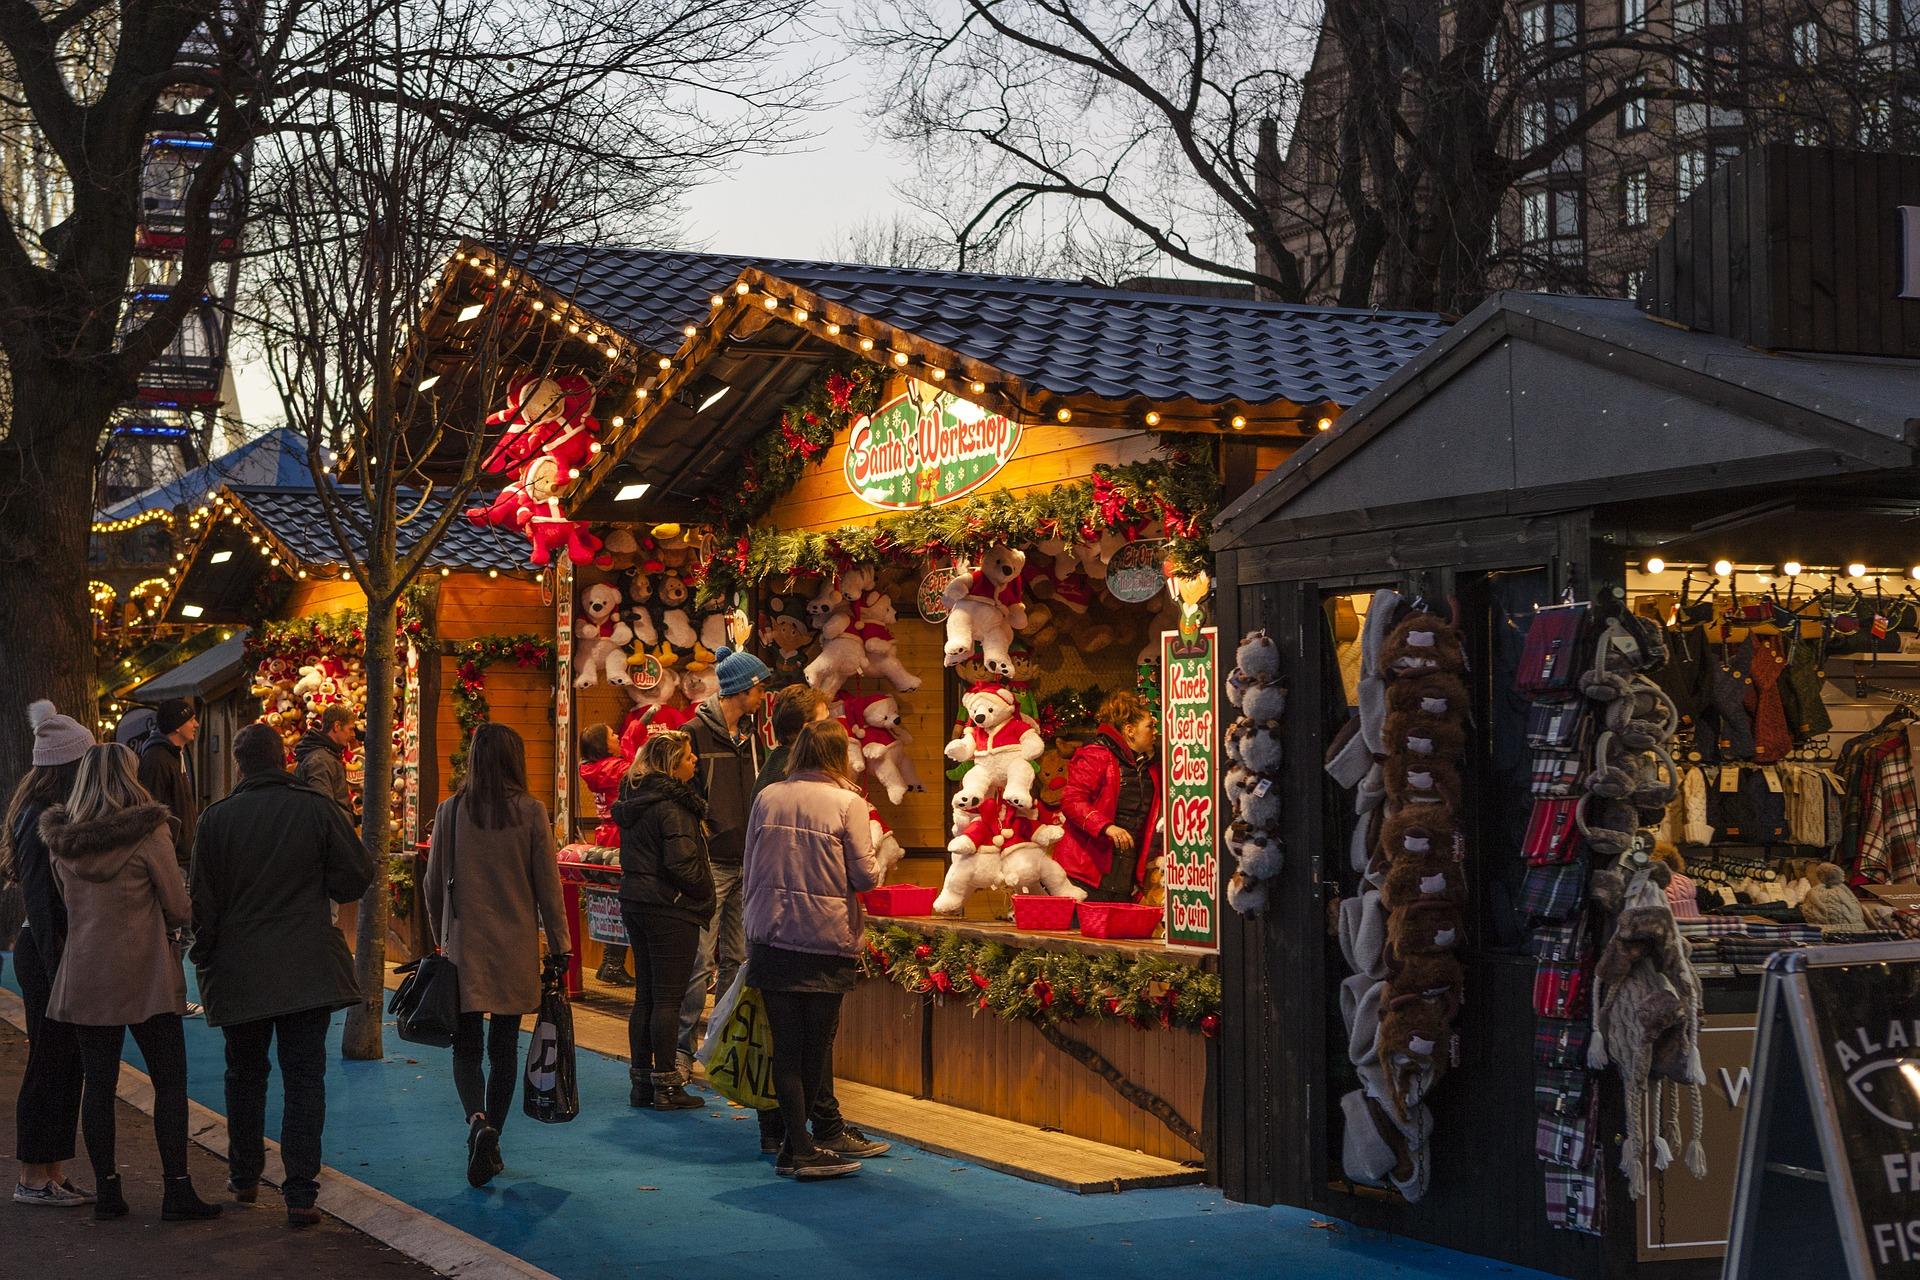 Weihnachtsmarkt Bonn.Bonner Weihnachtsmärkte Mit Dem Besonderen Ambiente